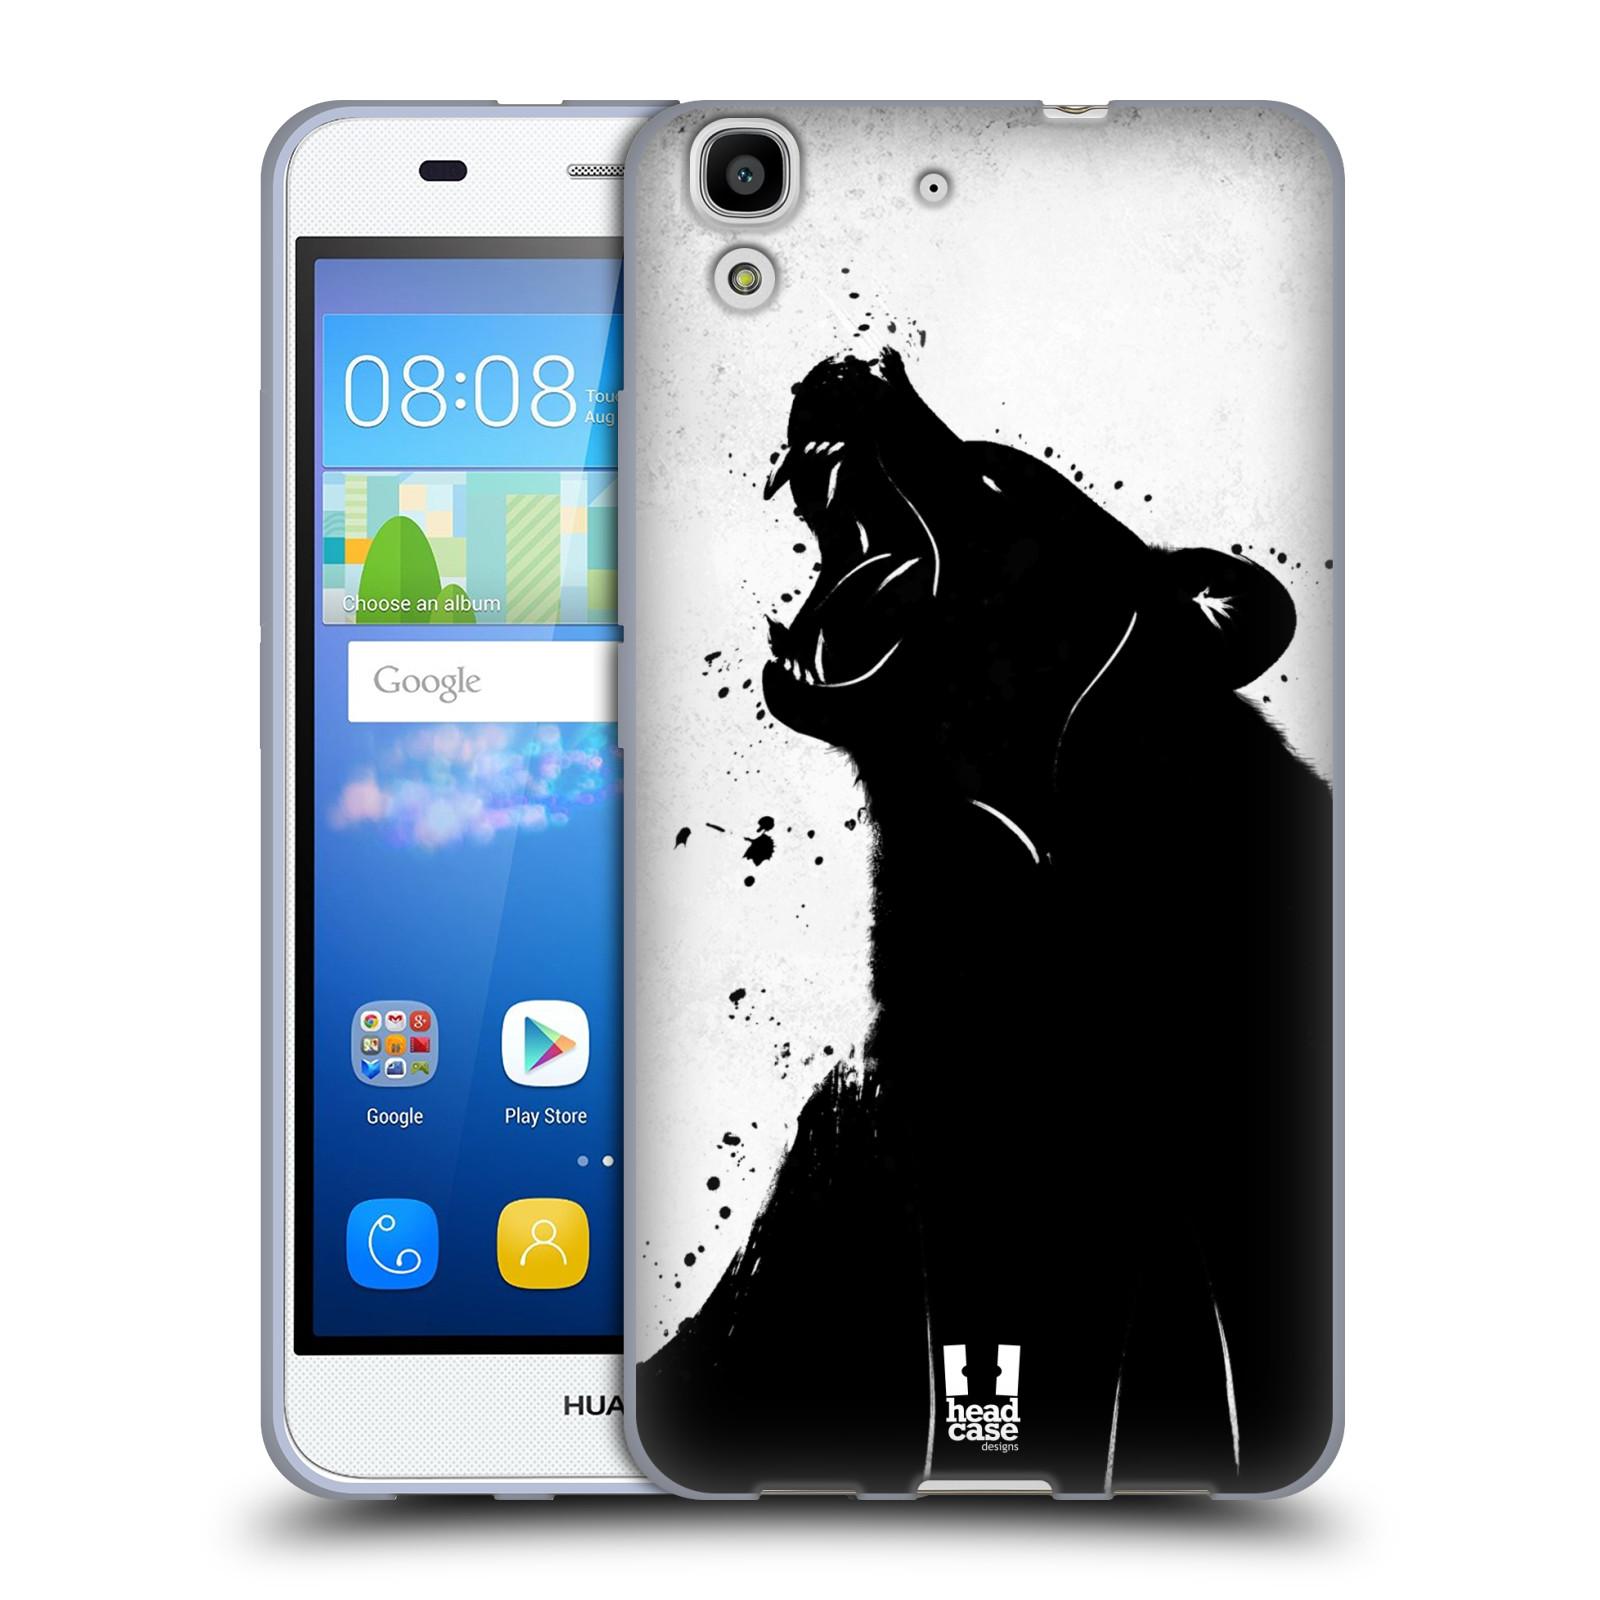 HEAD CASE silikonový obal na mobil HUAWEI Y6 vzor Kresba tuš zvíře medvěd